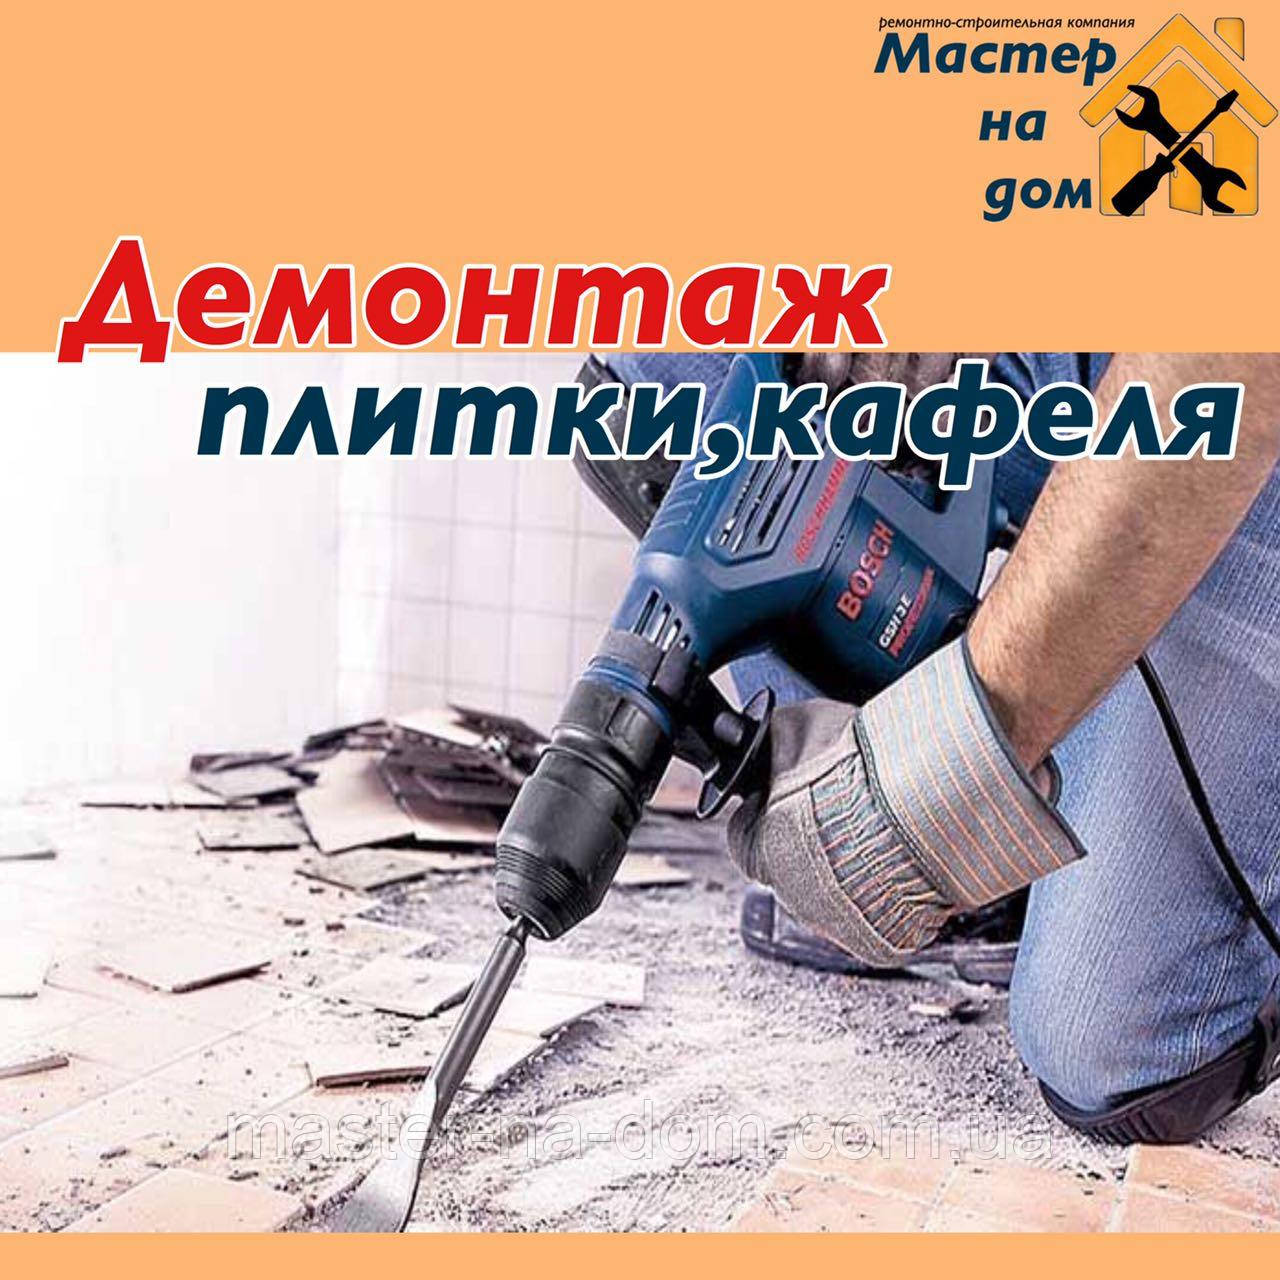 Демонтаж плитки, кафеля в Харькове